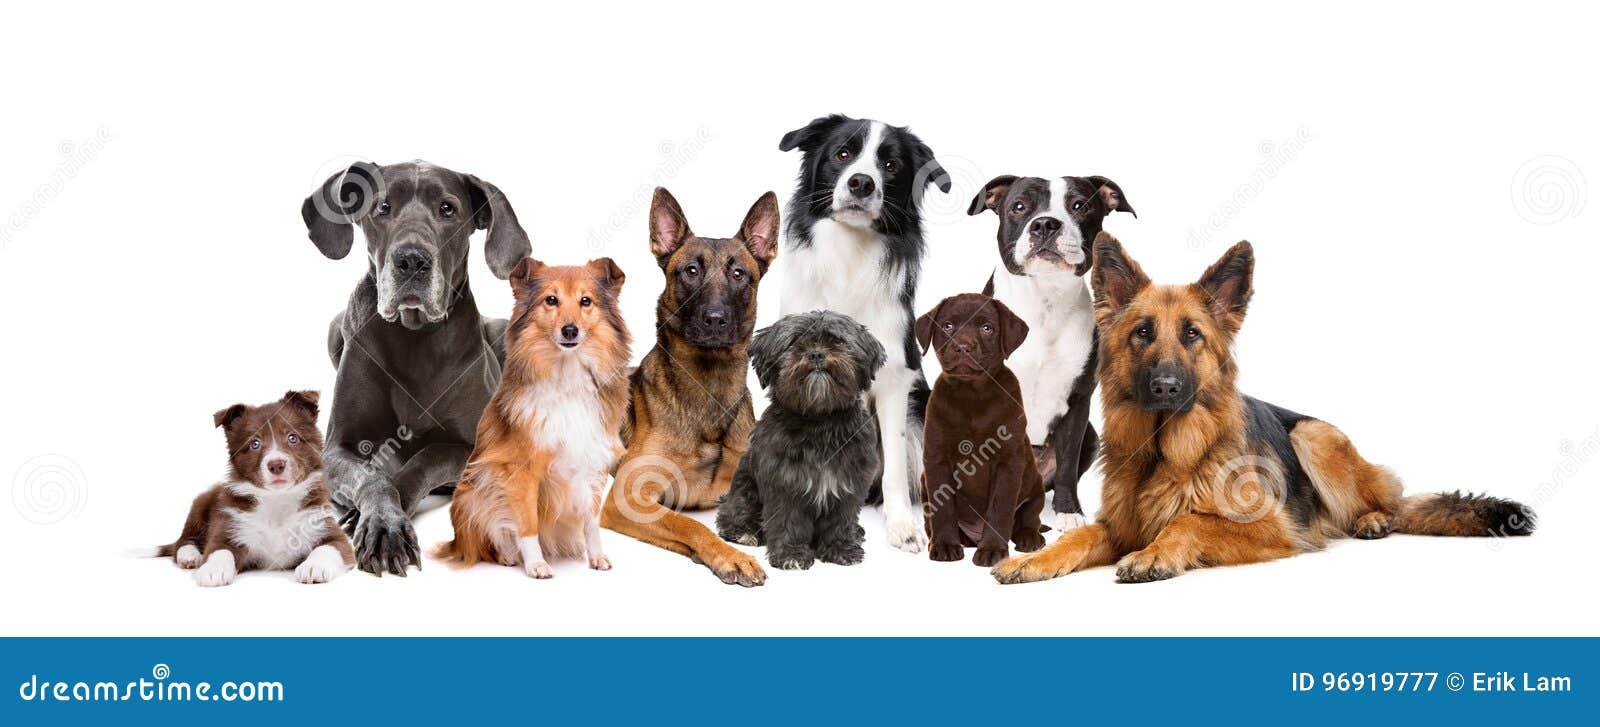 Группа в составе 9 собак